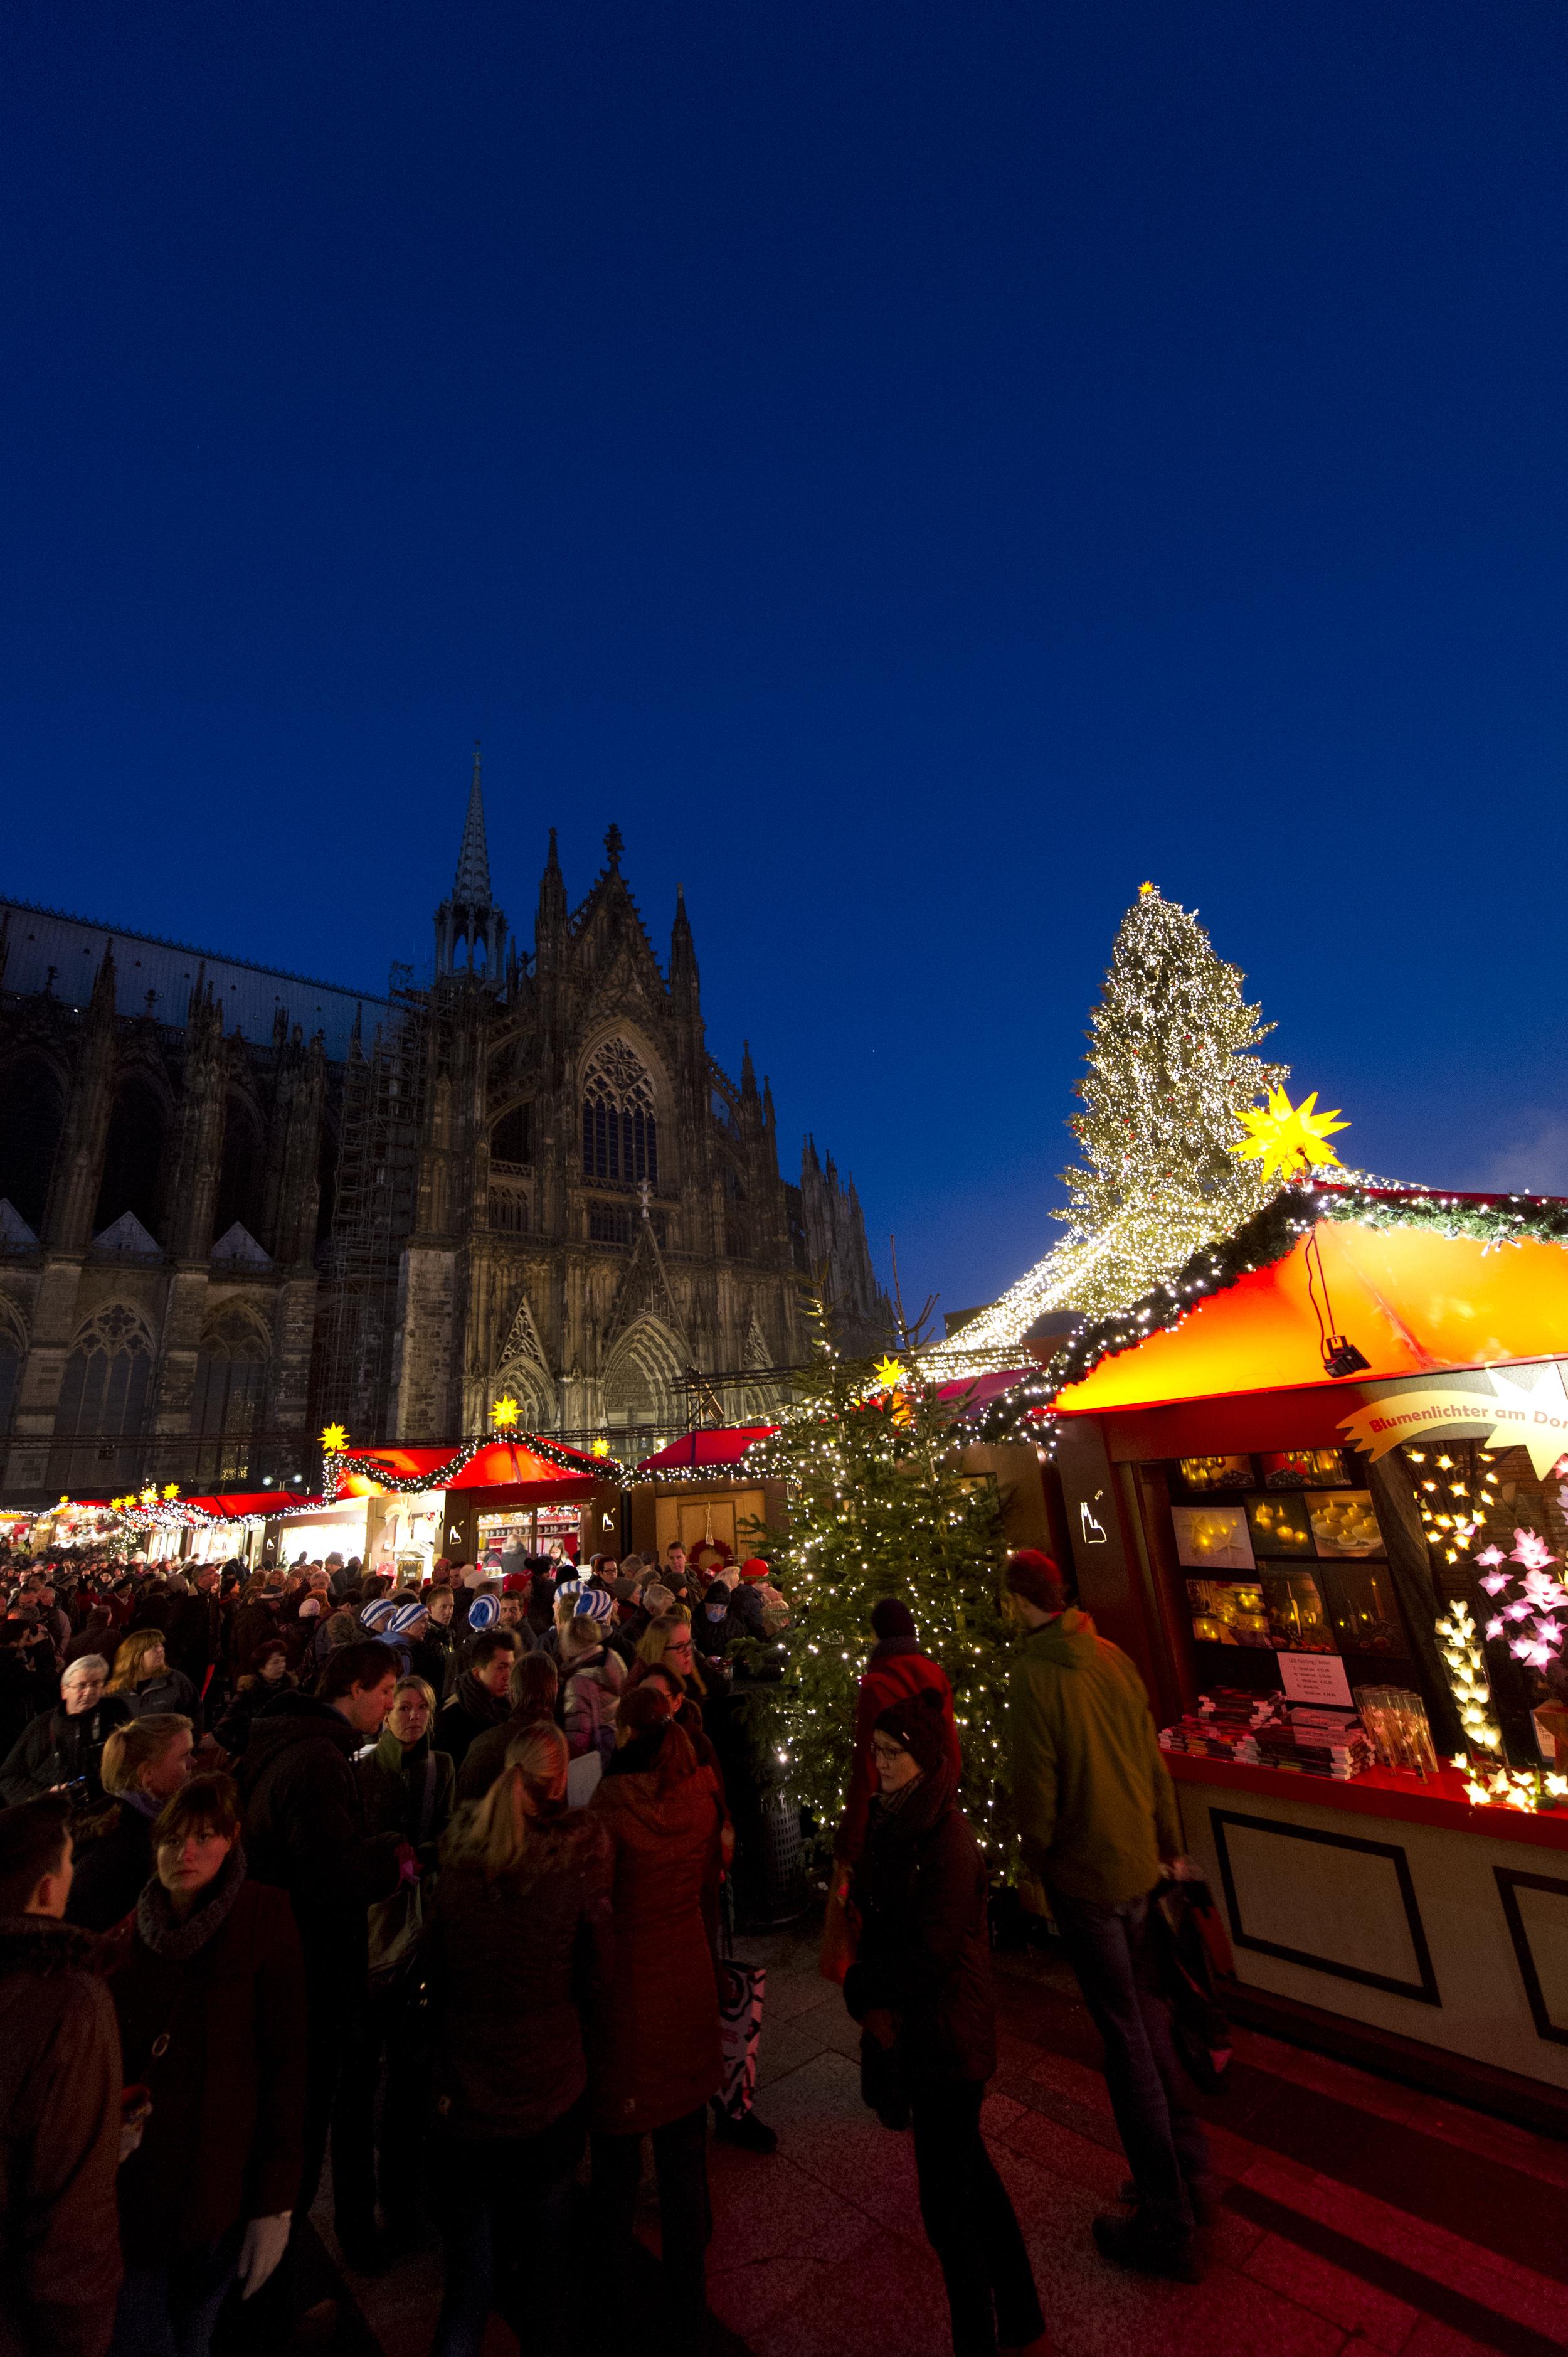 20131214_kerstmarktKoln_36.jpeg